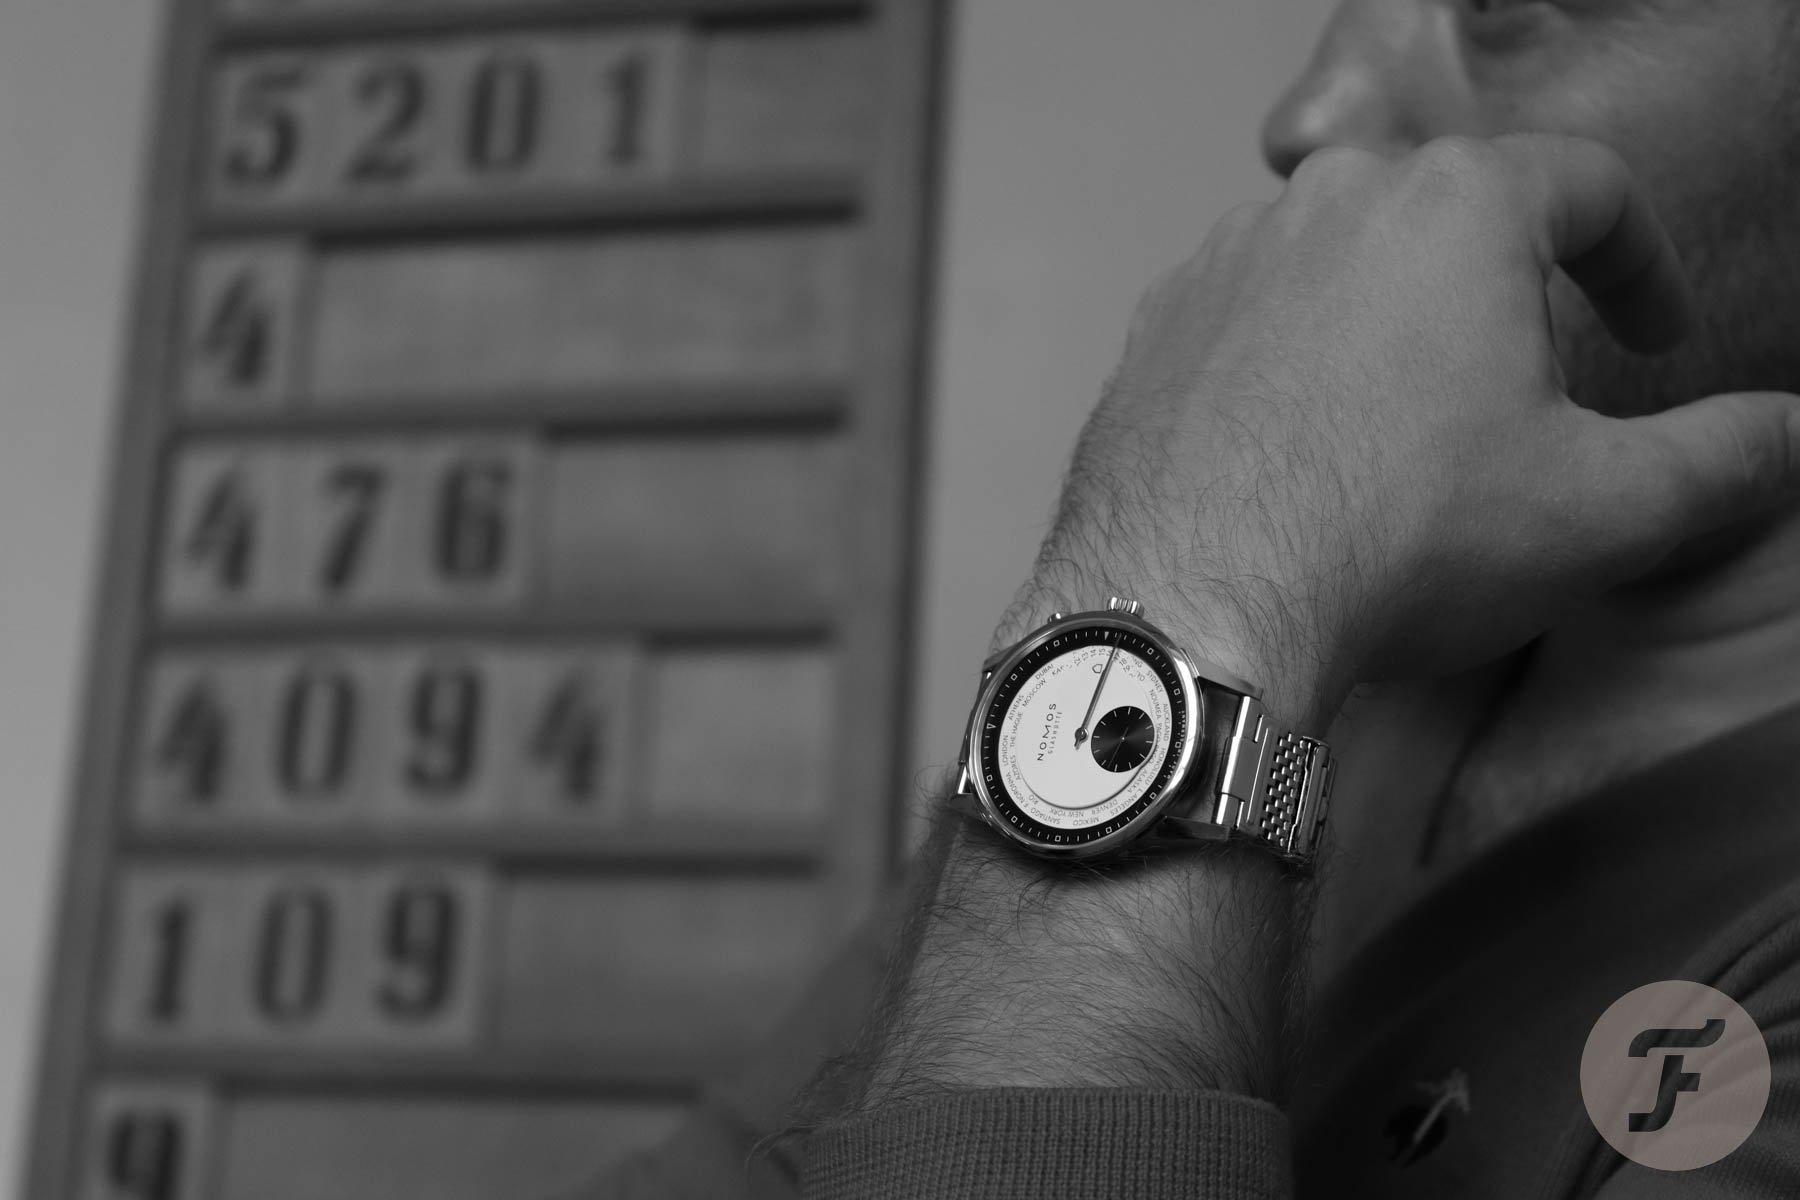 NOMOS-Glashuette-Weltzeit-Worldtime-Watch-Limited-Fratello